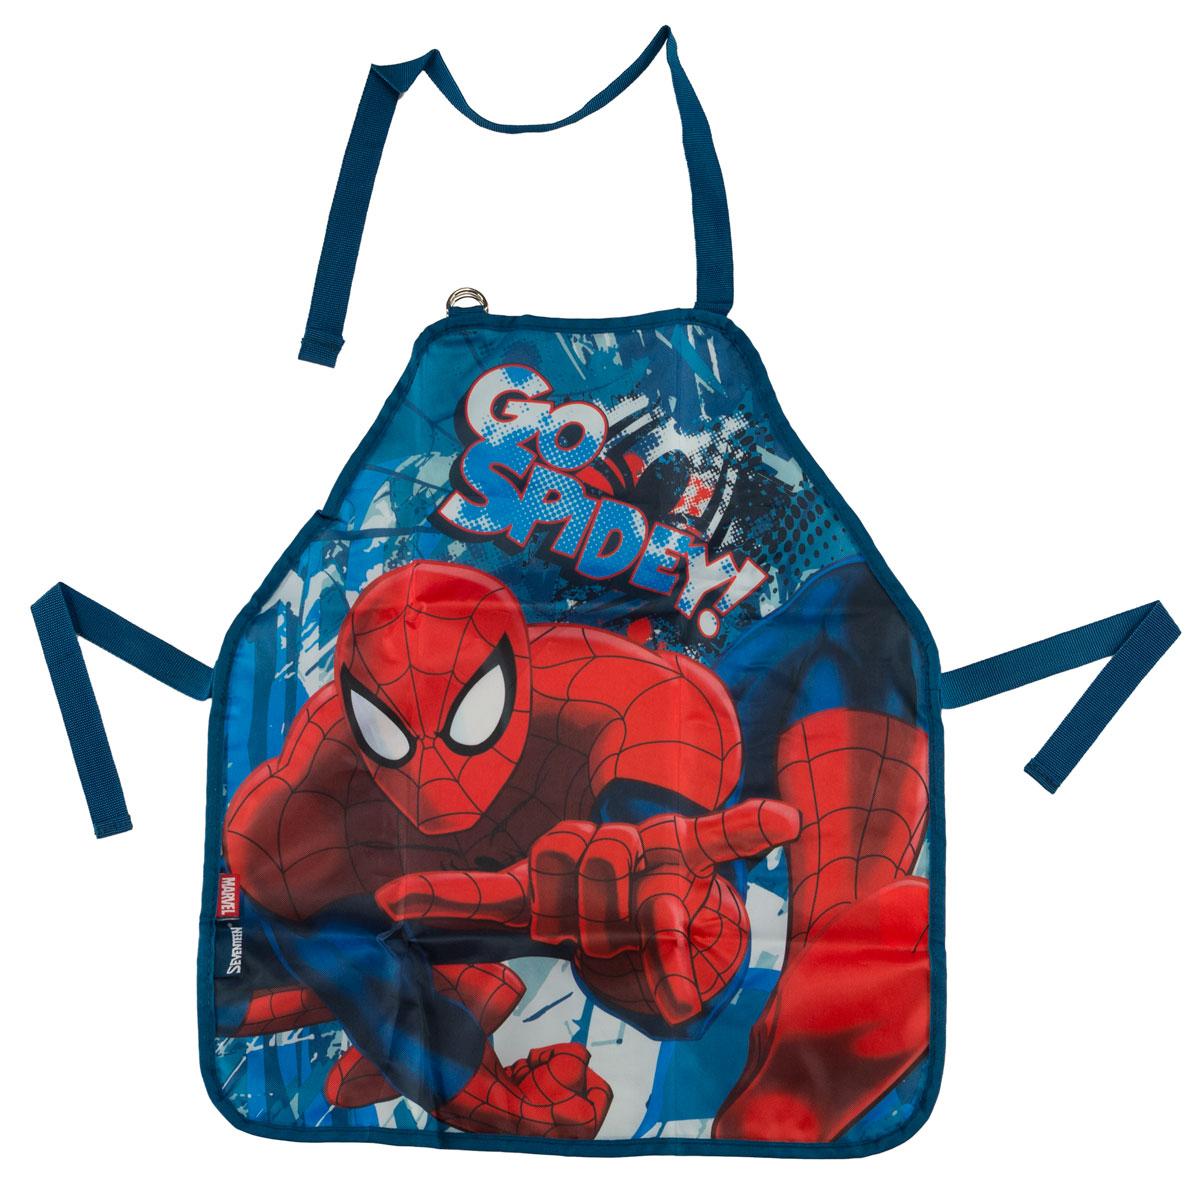 Фартук для детского творчества  Spider-Man Classic , цвет: синий. SMCB-MT1-029M -  Аксессуары для труда